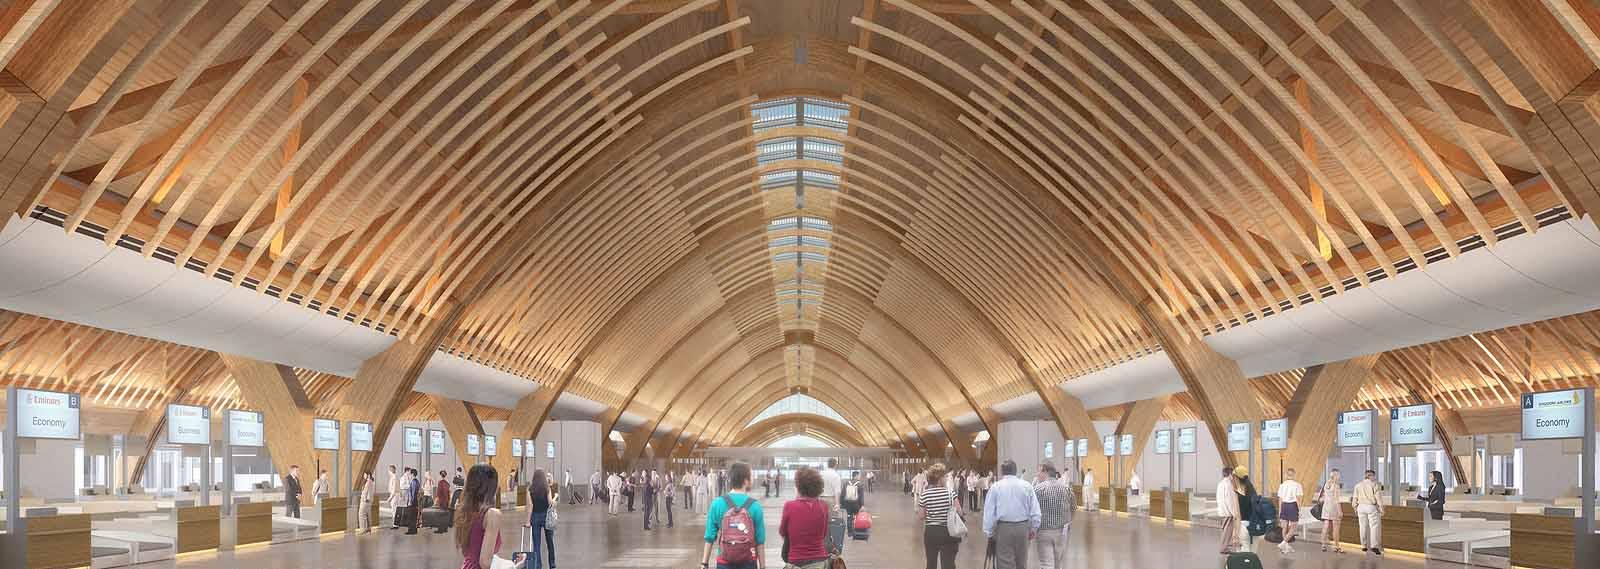 La soluzione sostenibile di Rubner Holzbau per il nuovo aeroporto di Mactan-Cebu